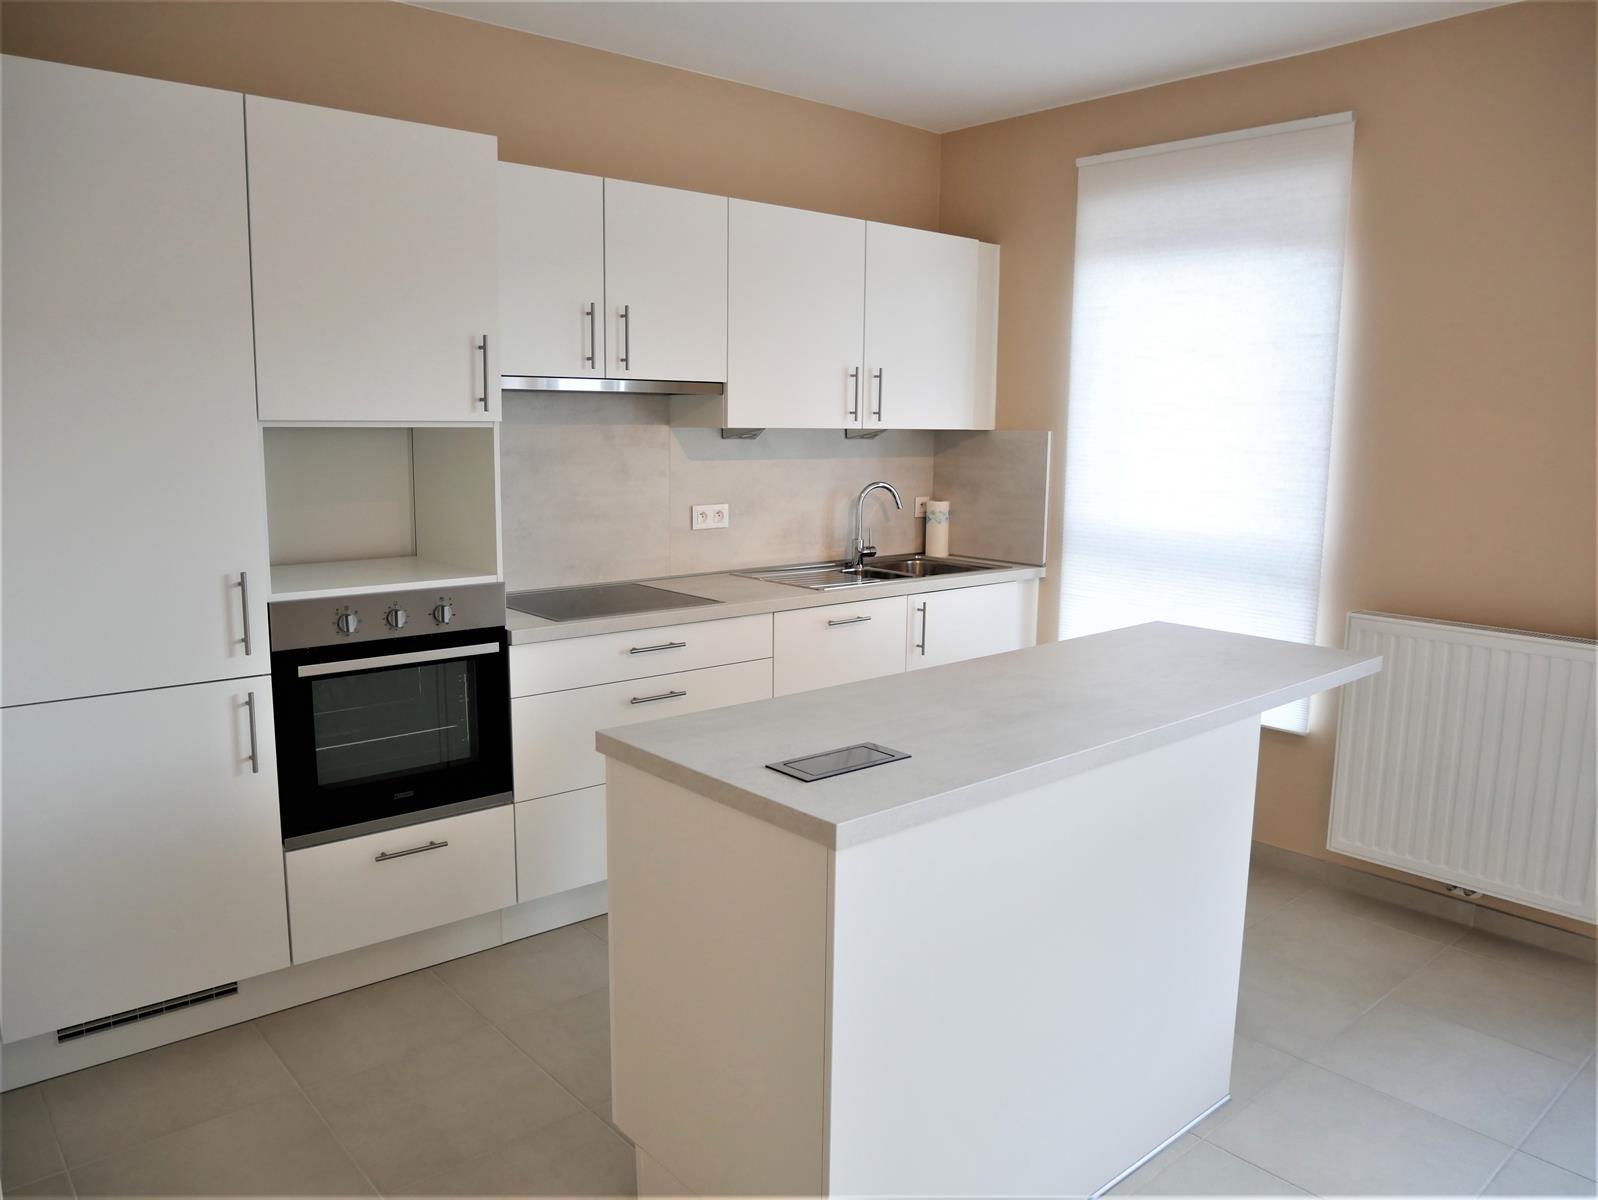 Appartement - Wavre - #4202911-1